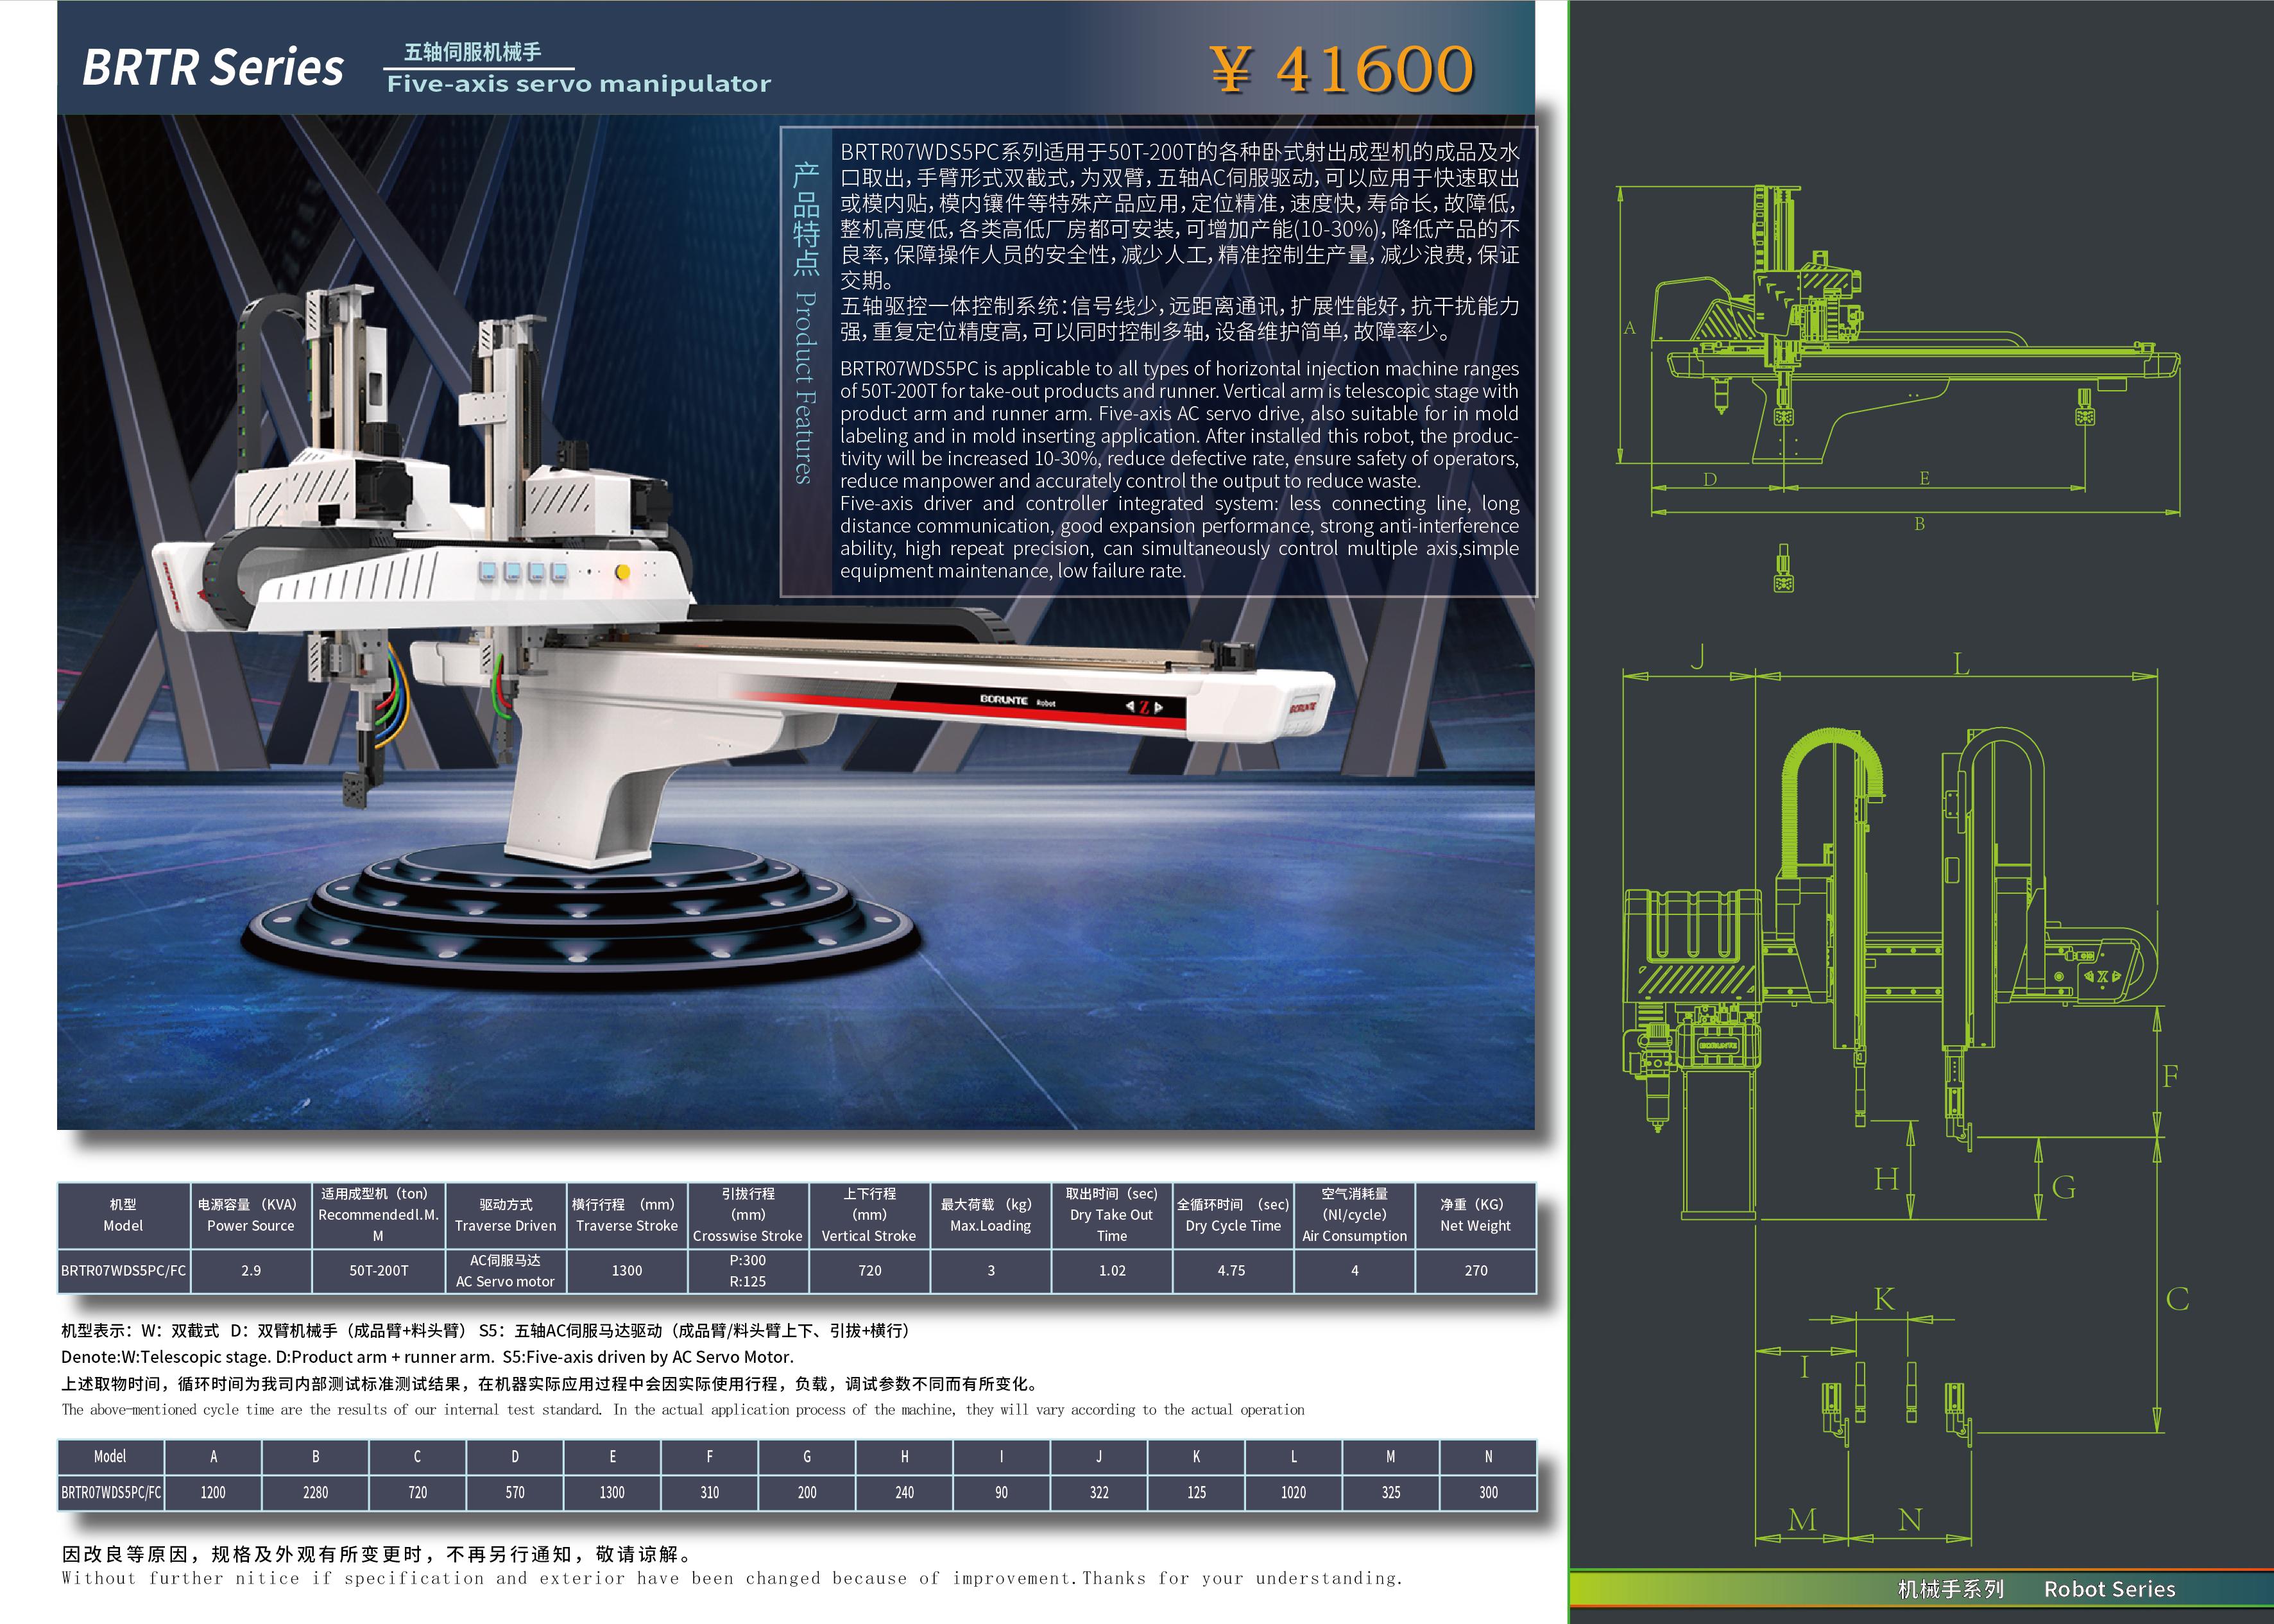 五軸伺服機械手BRTR07WDS5PC.jpg